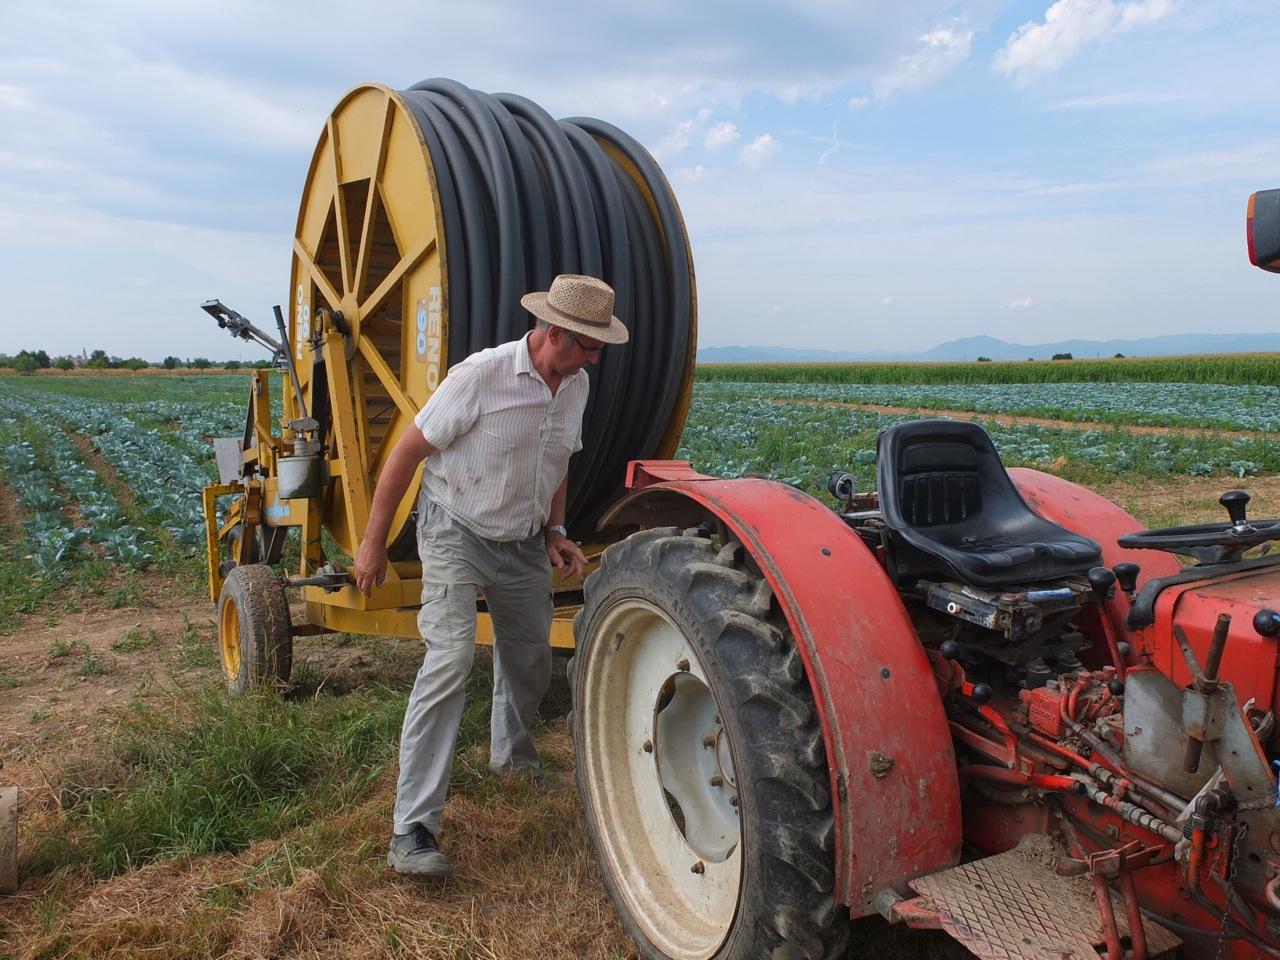 Arsène observant ses choux. Selon les Dernières nouvelles d'Alsace, les producteurs de choucroute alsaciens redoutent une baisse de 25% de la production cette année. Les conséquences « d'un printemps très pluvieux et d'un mois de mai froid ».